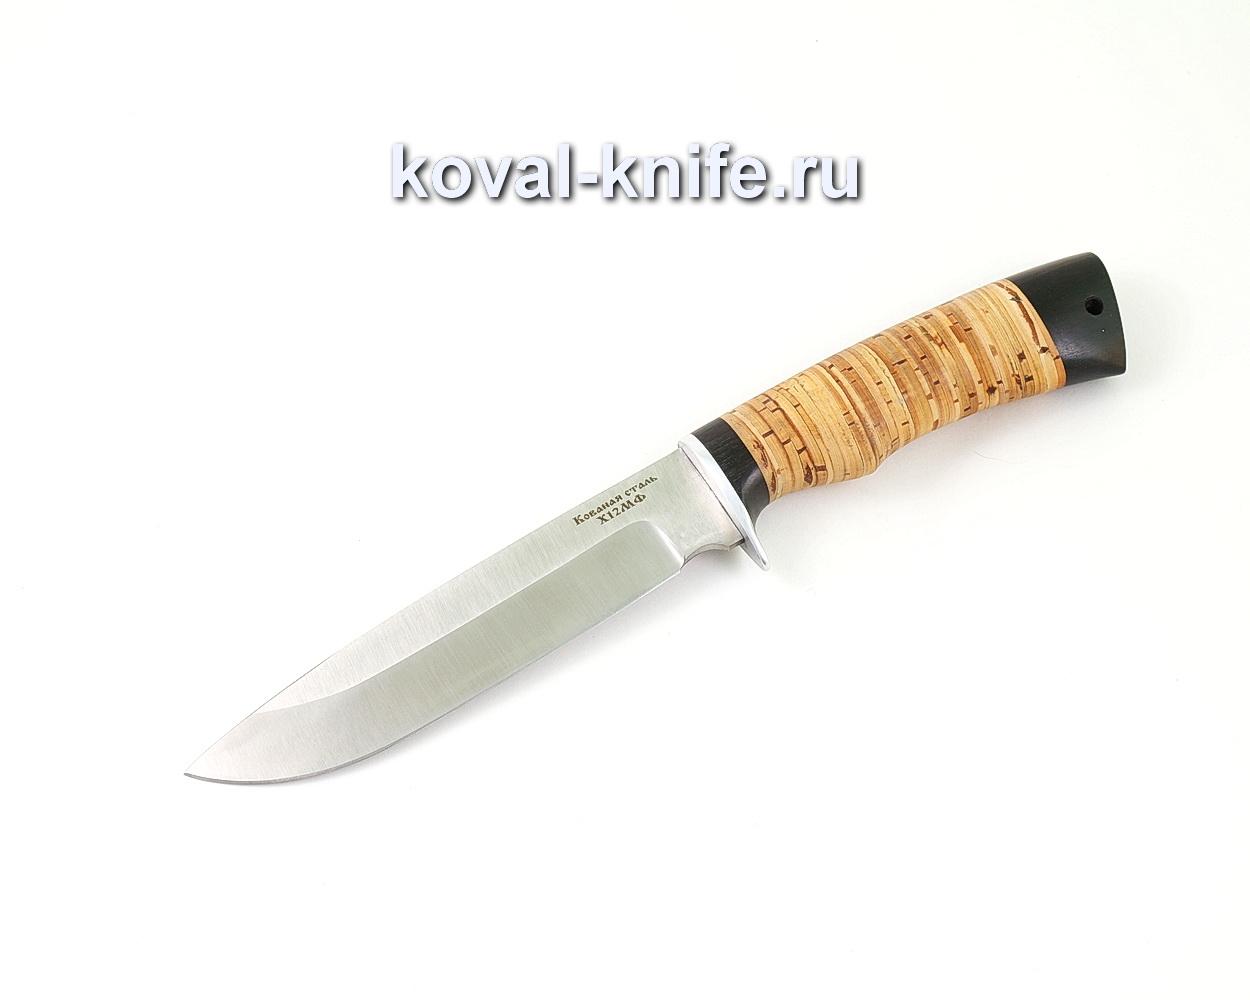 Нож из кованой стали Х12МФ Турист (рукоять береста и граб) A499